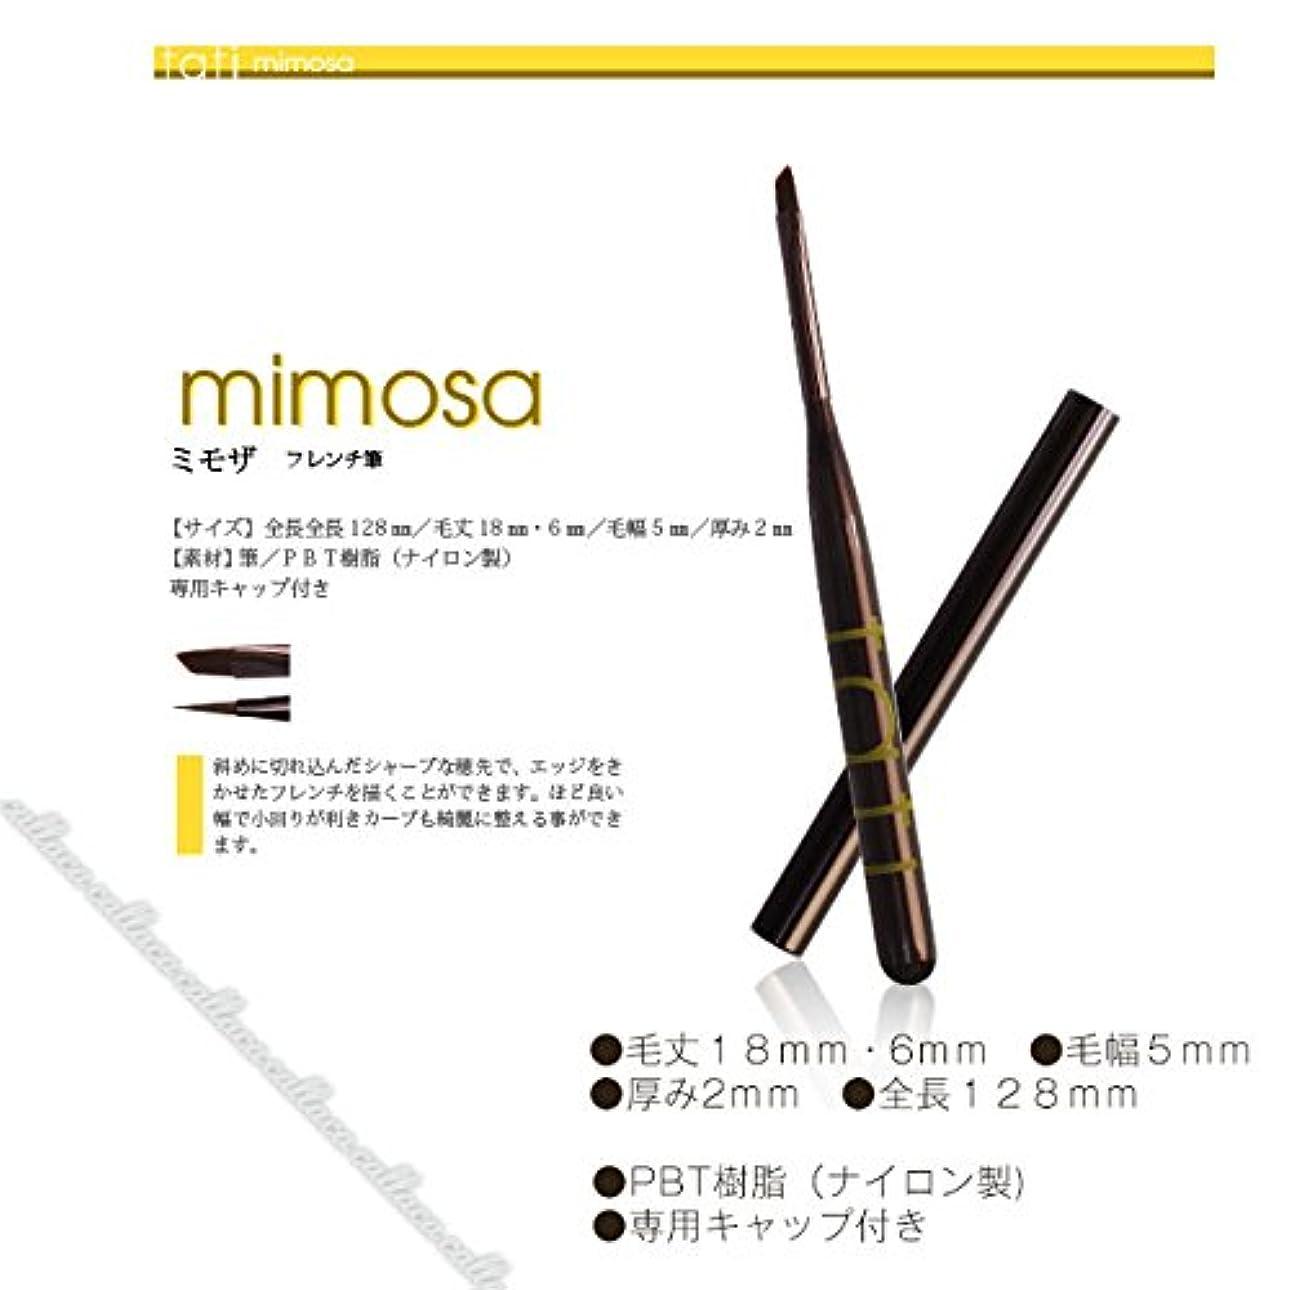 付き添い人性別審判tati アートショコラ mimosa (ミモザ)